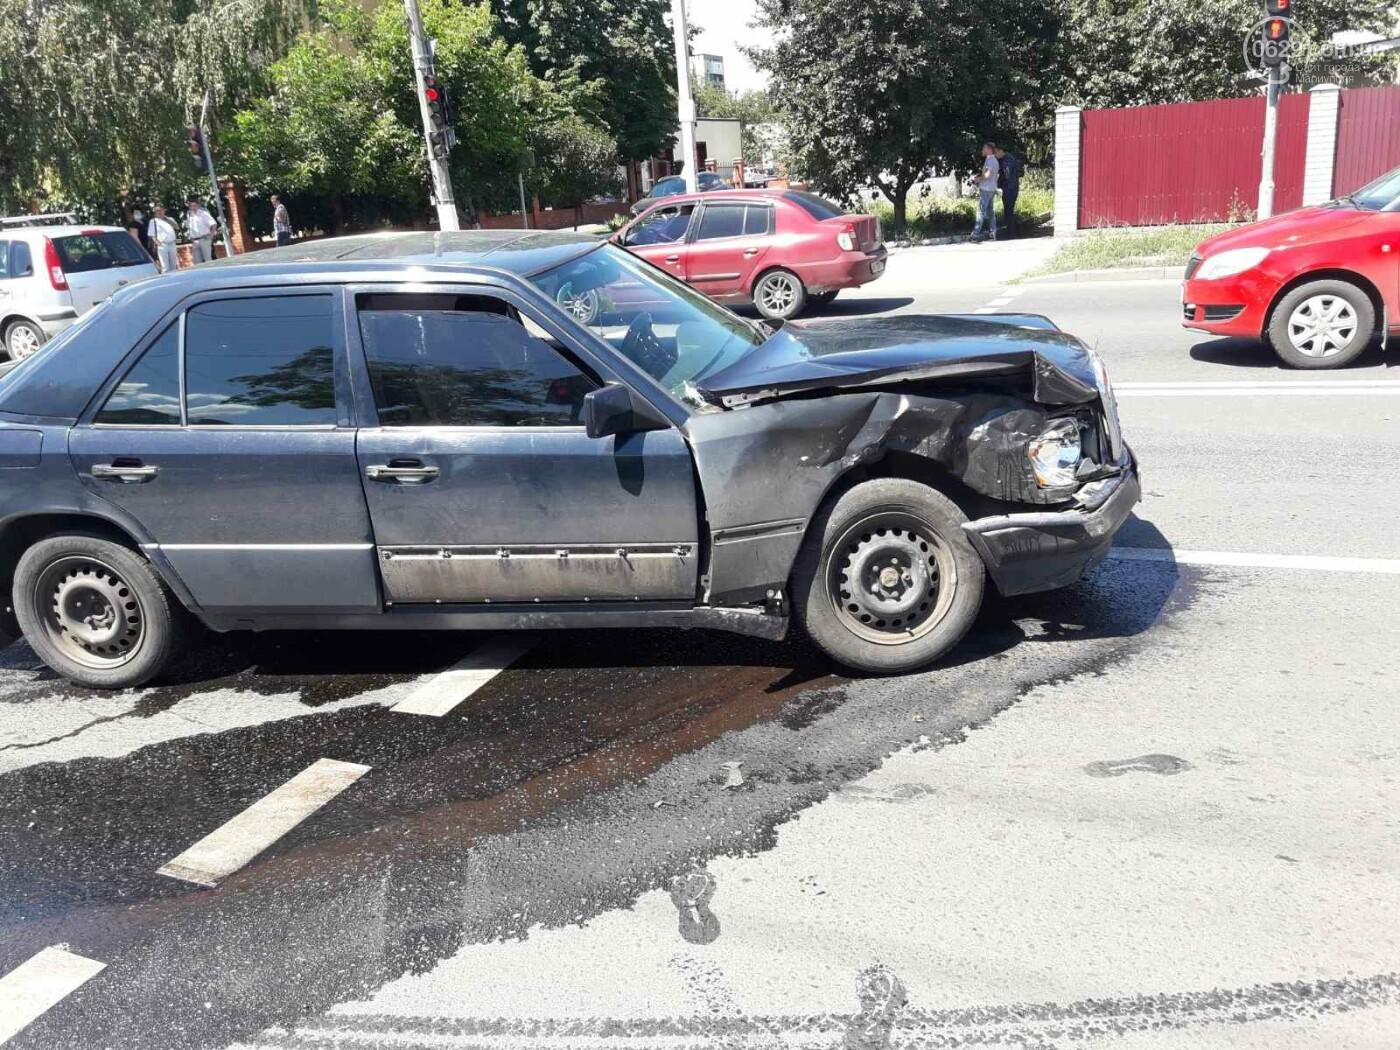 Снова ДТП! В Мариуполе на опасном перекрестке столкнулись Nissan и Mercedes. Пострадала девушка-водитель, - ФОТО, ВИДЕО, фото-4